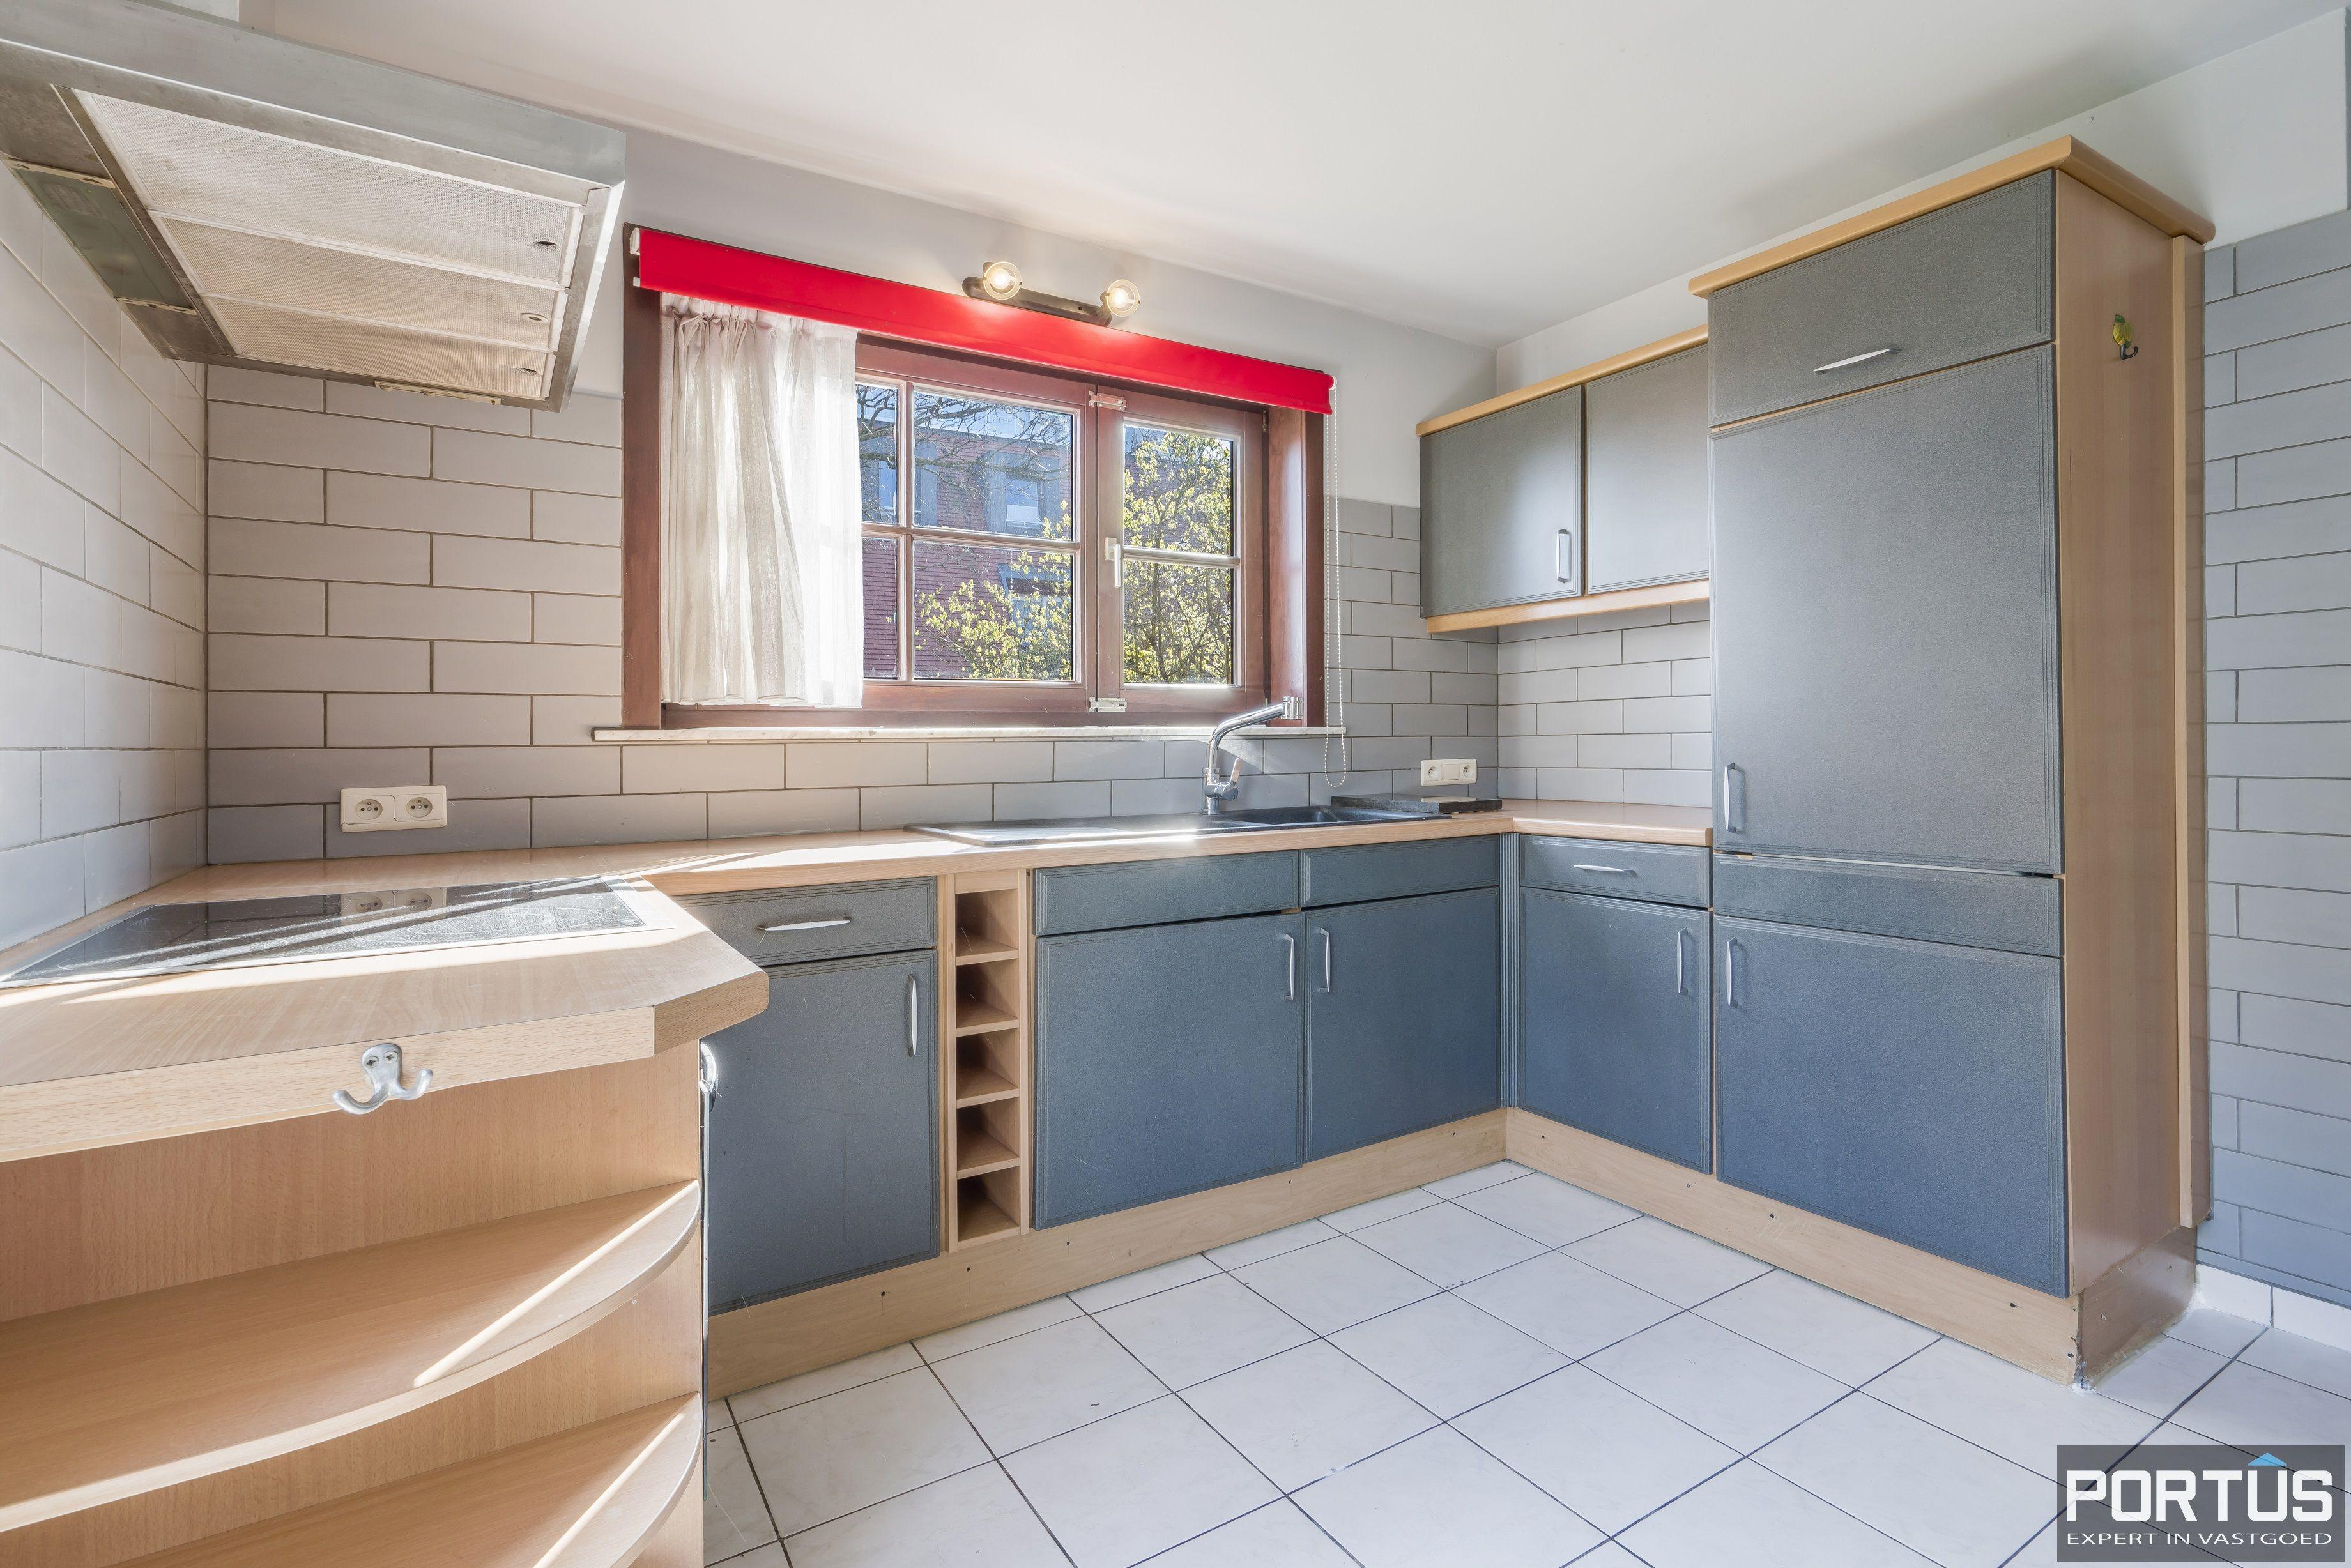 Villa te koop met 3 slaapkamers te Nieuwpoort - 13077